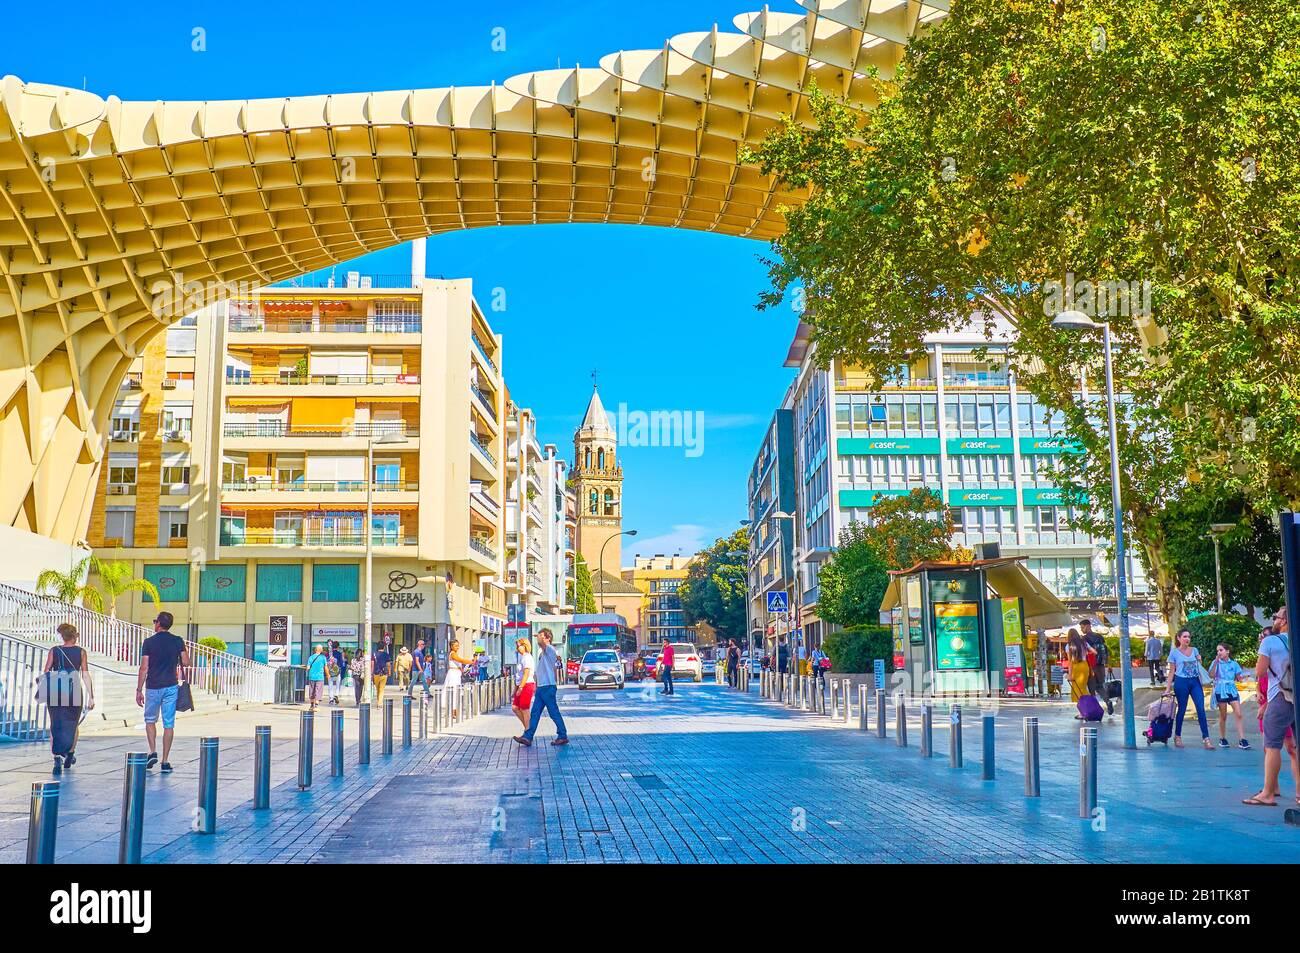 Sevilla, ESPAÑA - 1 DE OCTUBRE de 2019: La construcción del Metropol Parasol encaja bien en el barrio histórico y domina la concurrida calle Imagen, el pasado mes de octubre Foto de stock